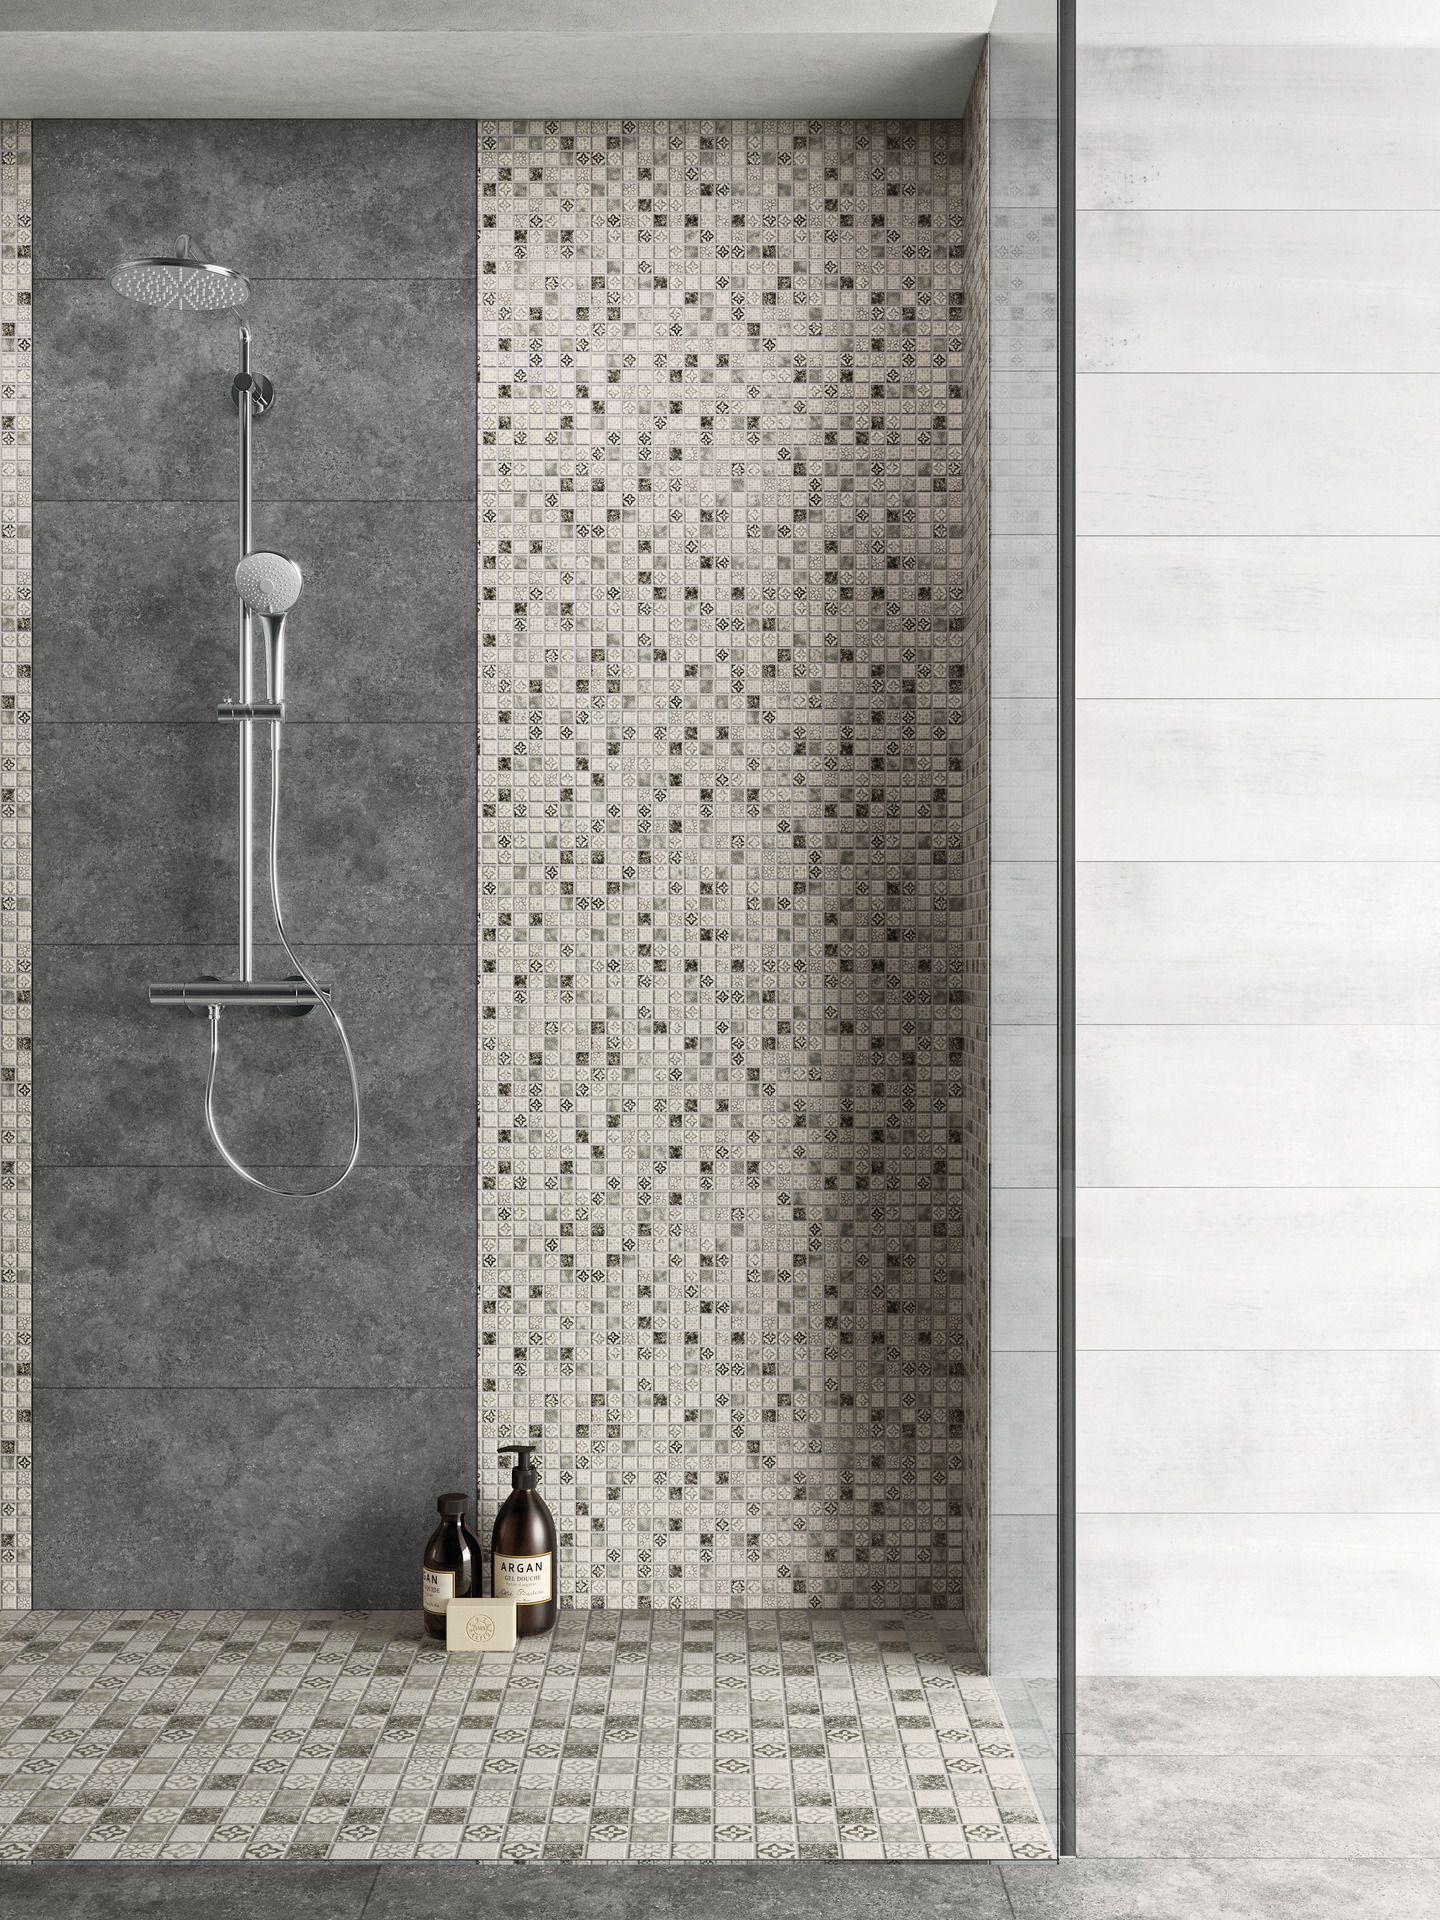 Mosaik Dusche In Mosaikoptik In 2020 Badezimmer Gestalten Dusche Fliesen